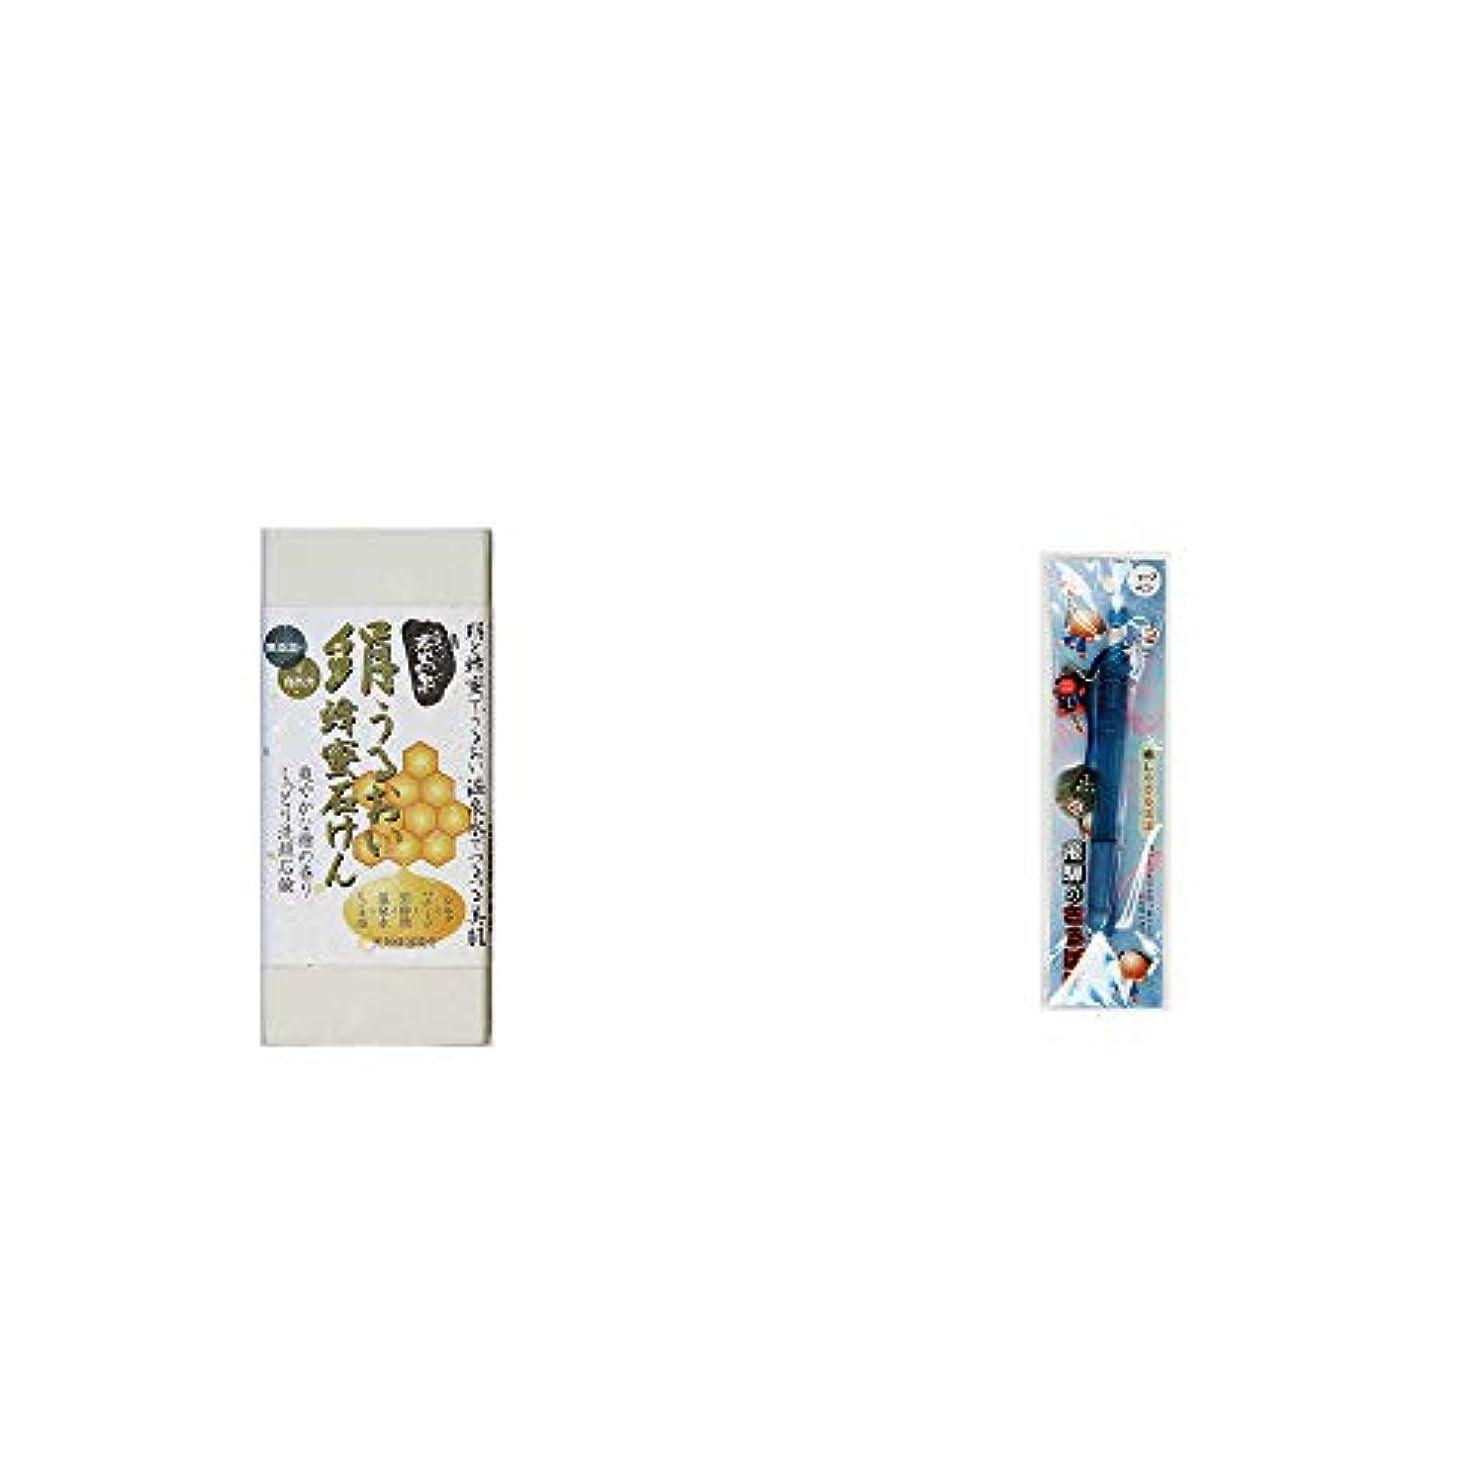 ペース昆虫を見る剥ぎ取る[2点セット] ひのき炭黒泉 絹うるおい蜂蜜石けん(75g×2)?さるぼぼ 癒しシャープペン 【ブルー】